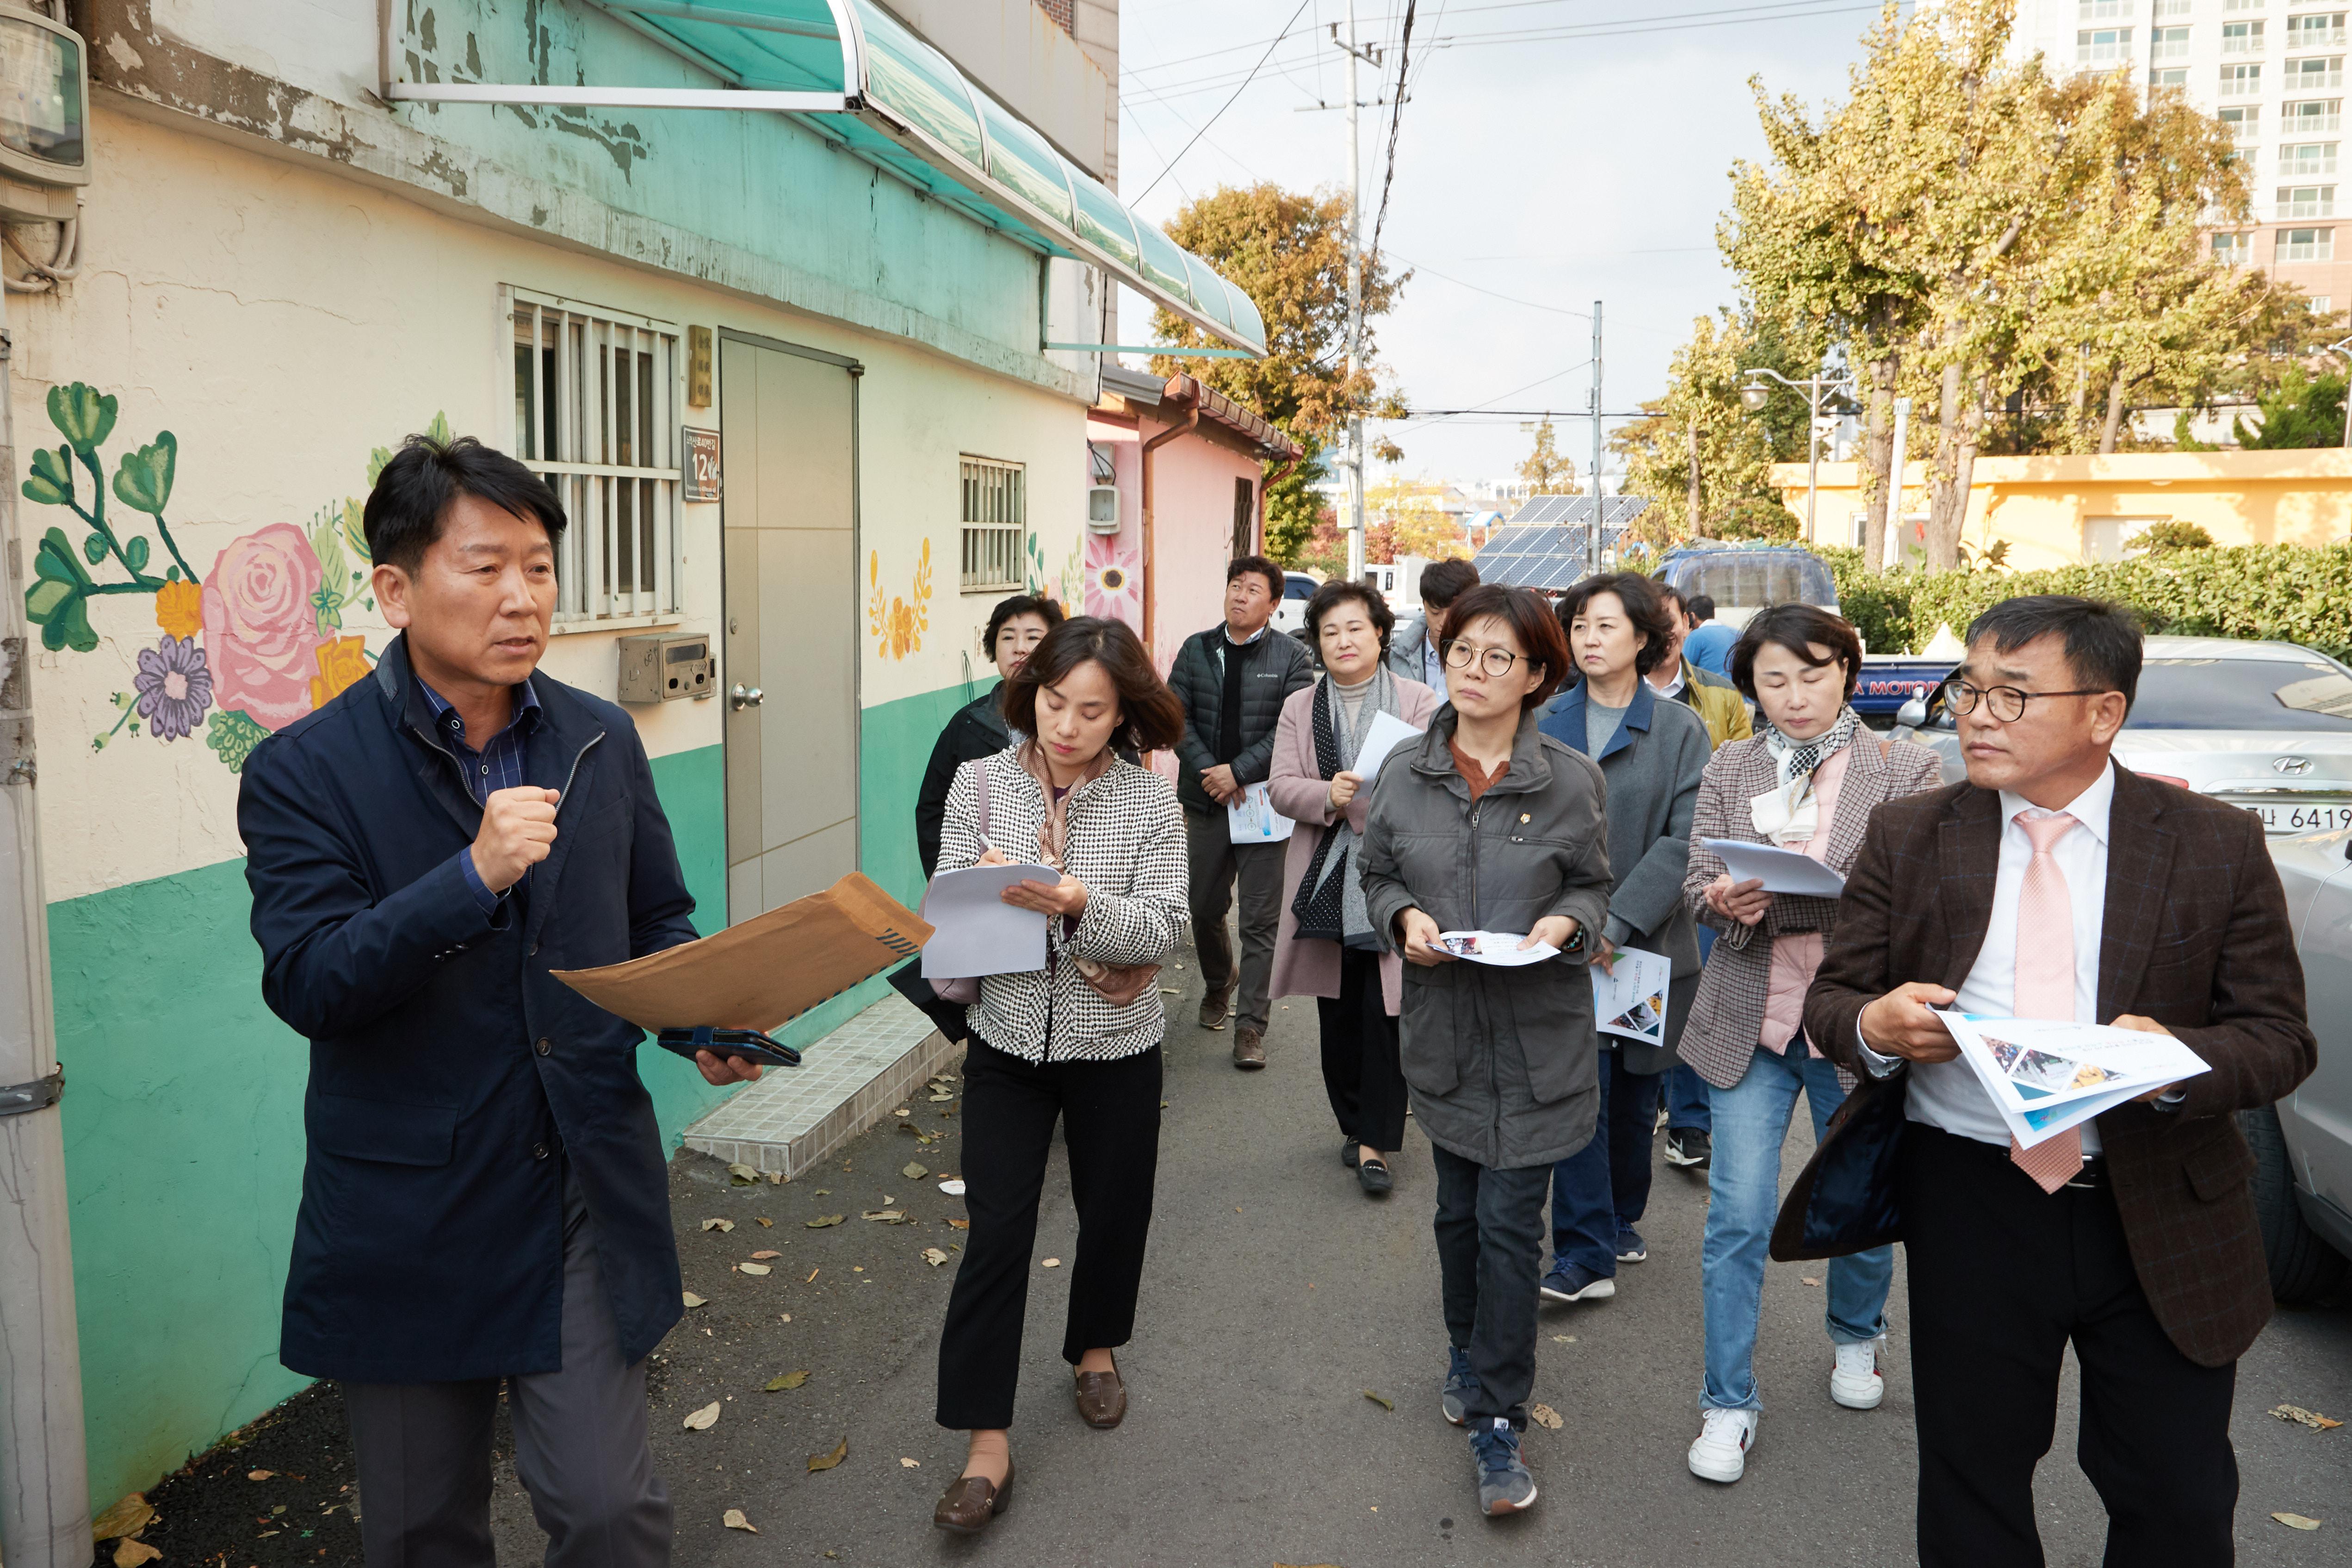 용인시의회 「용인독립만세운동 100주년 탐험대」, 도시재생 우수사례 벤치마킹